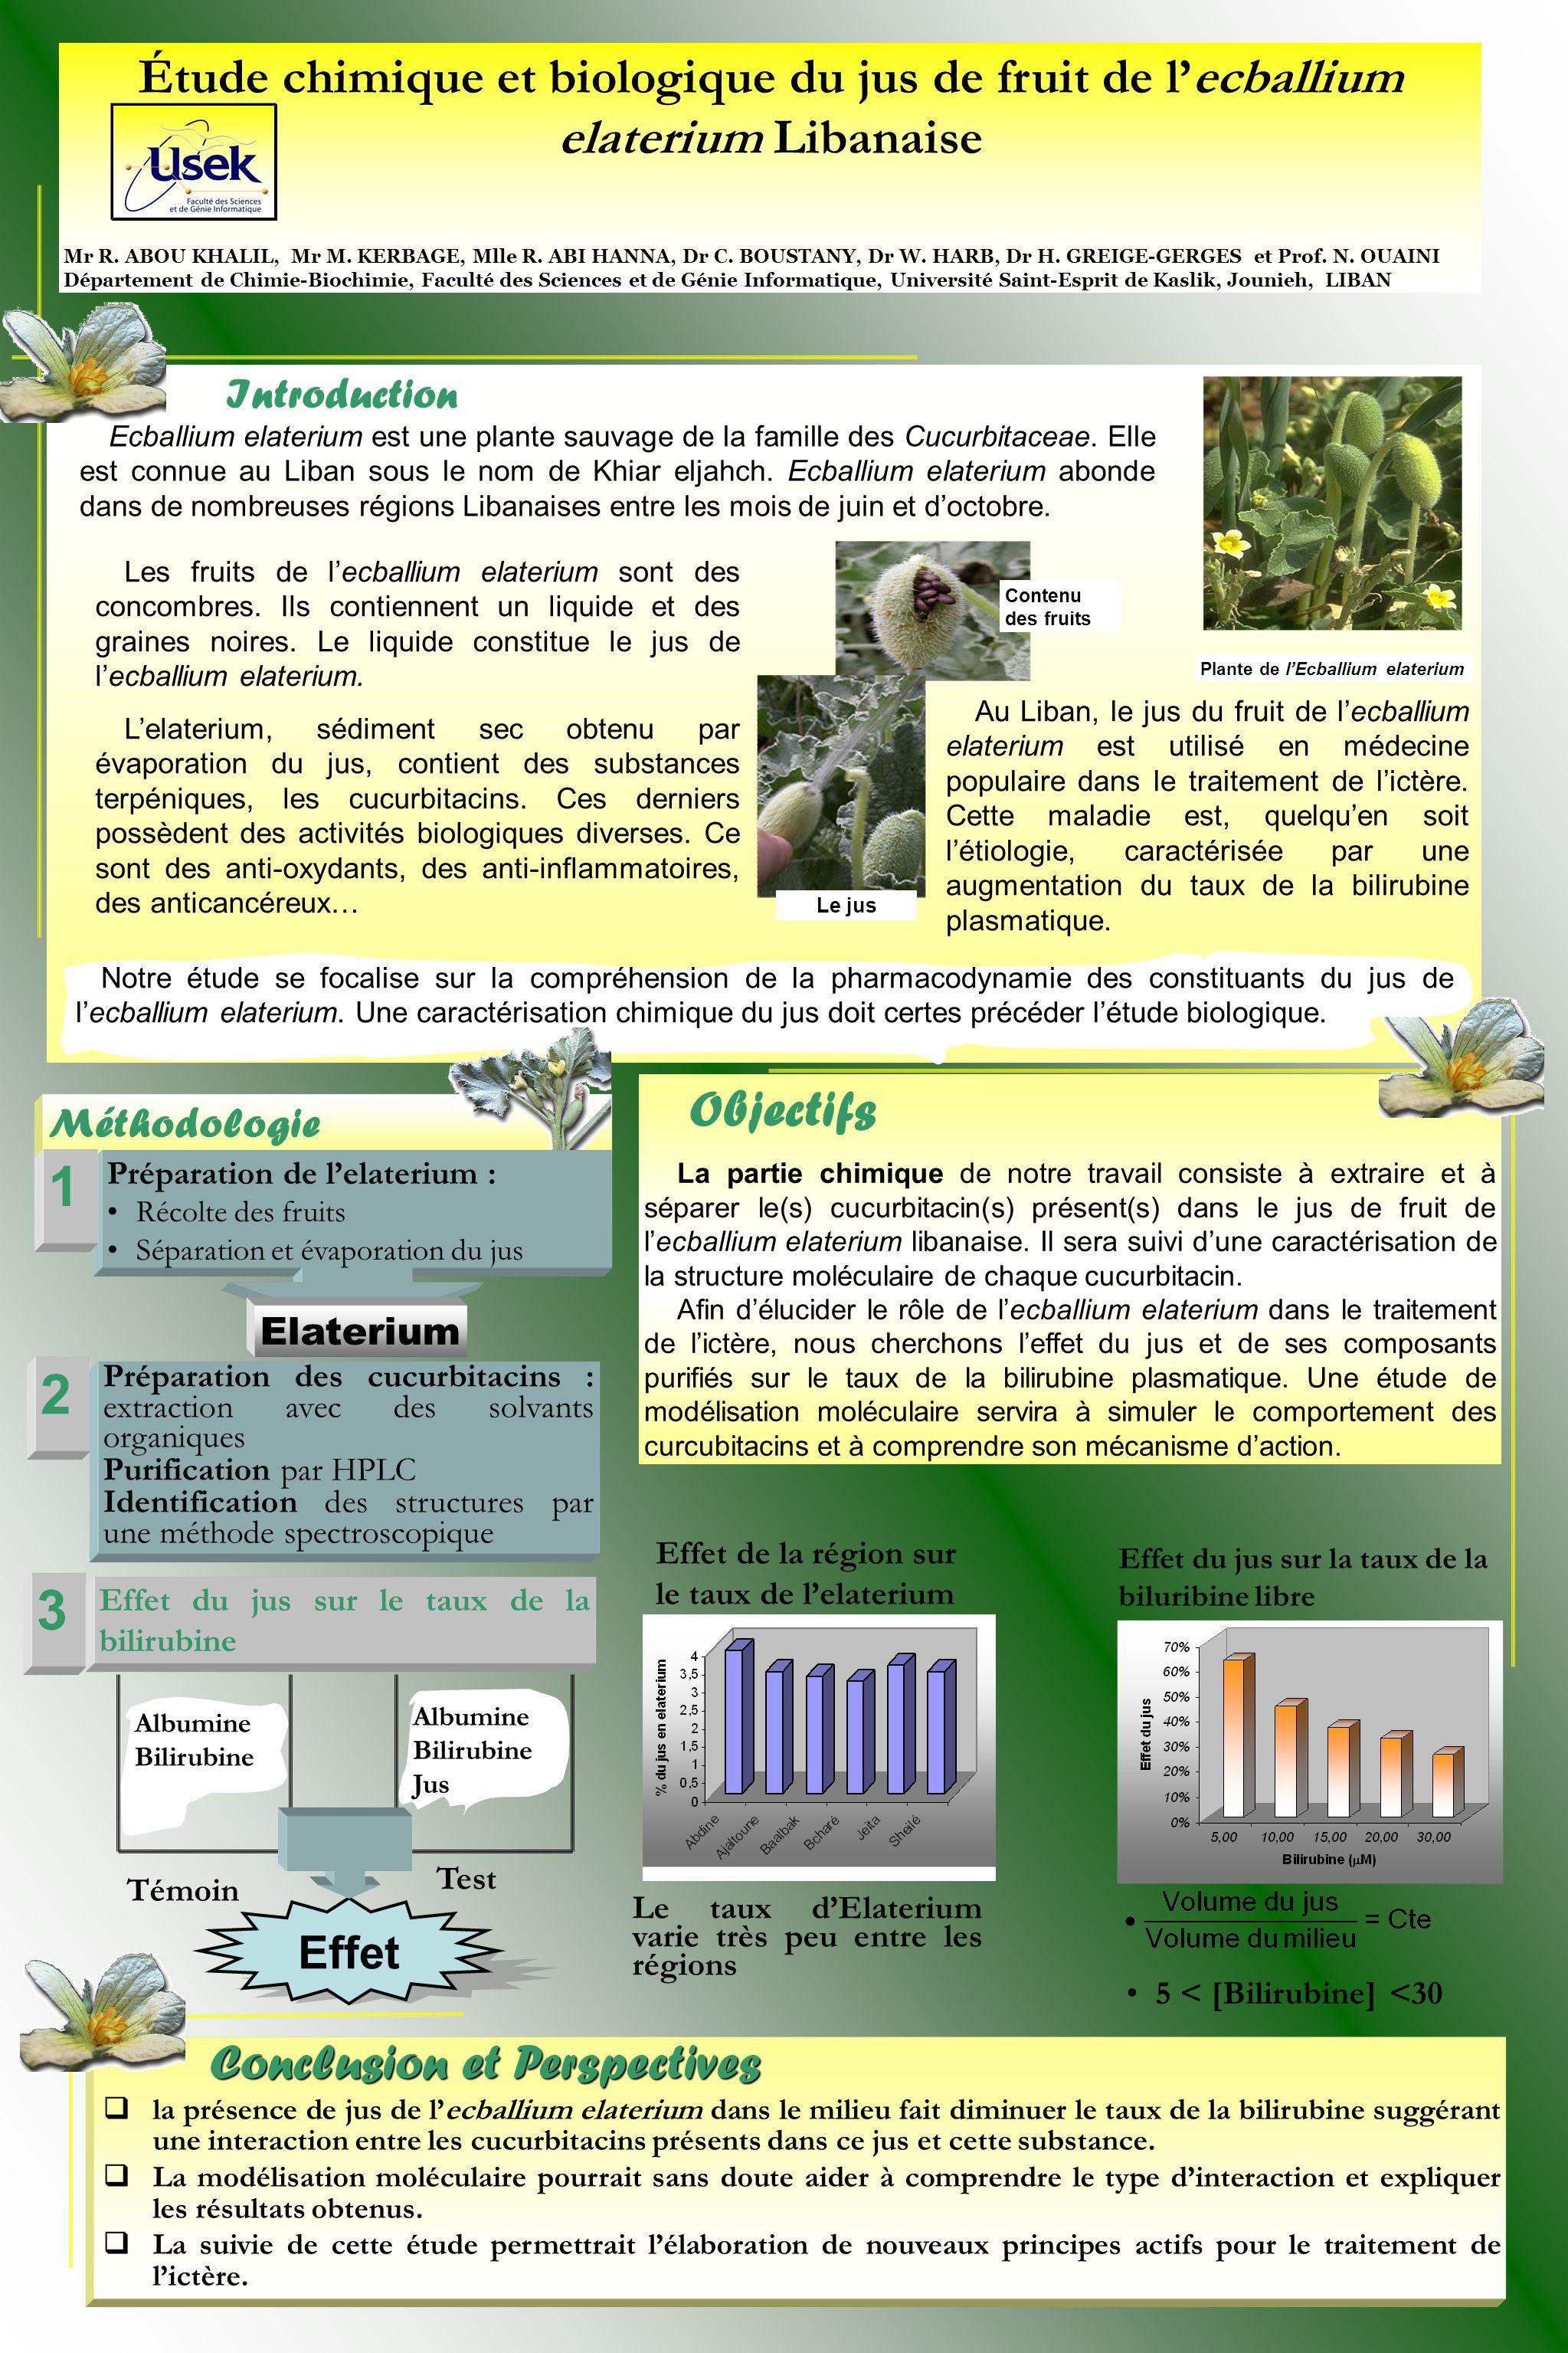 Étude chimique et biologique du jus de fruit de lecballium elaterium Libanaise Mr R. ABOU KHALIL, Mr M. KERBAGE, Mlle R. ABI HANNA, Dr C. BOUSTANY, Dr